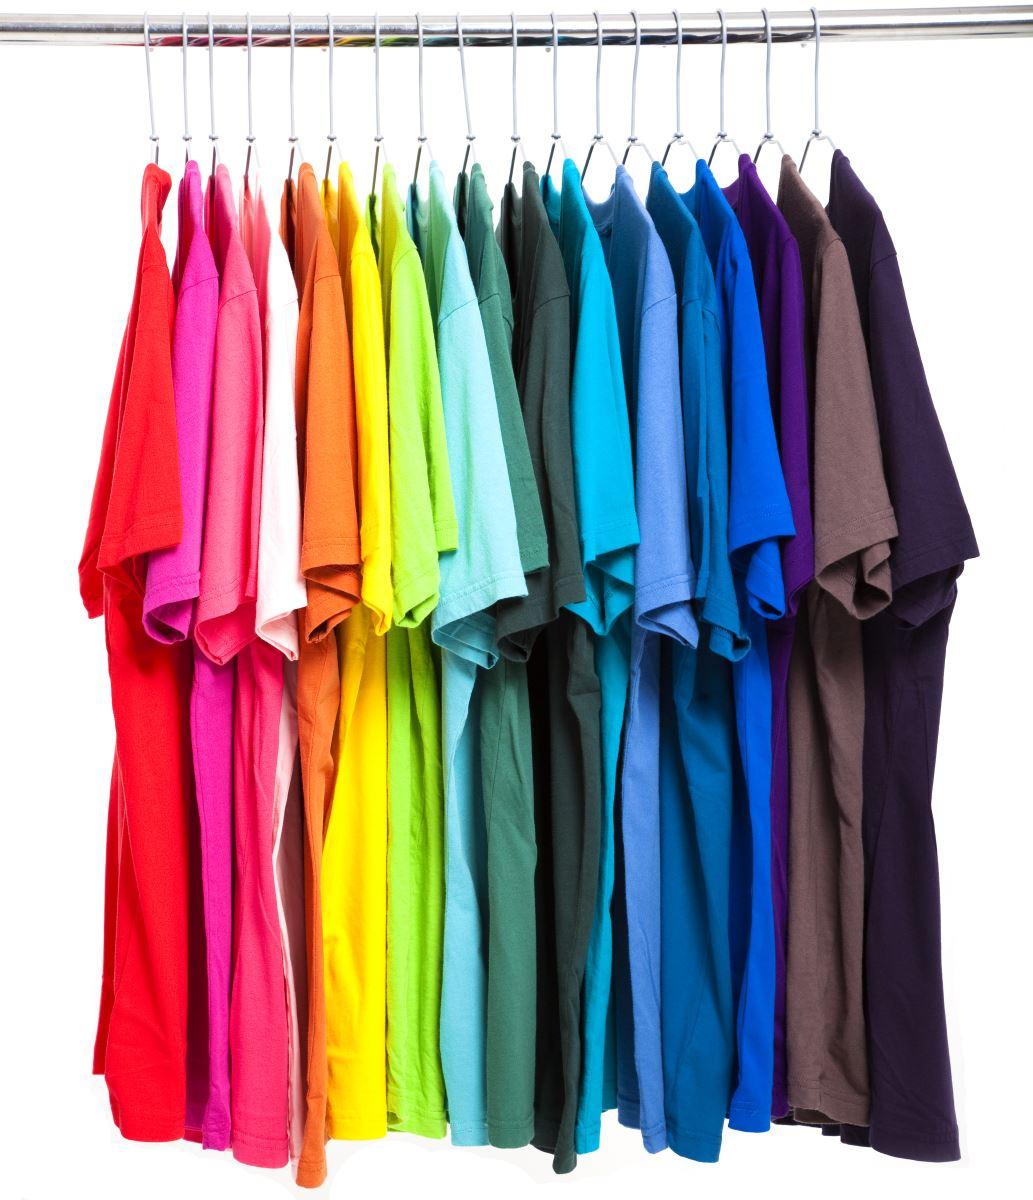 Tìm màu sắc phù hợp cho áo thun đồng phục